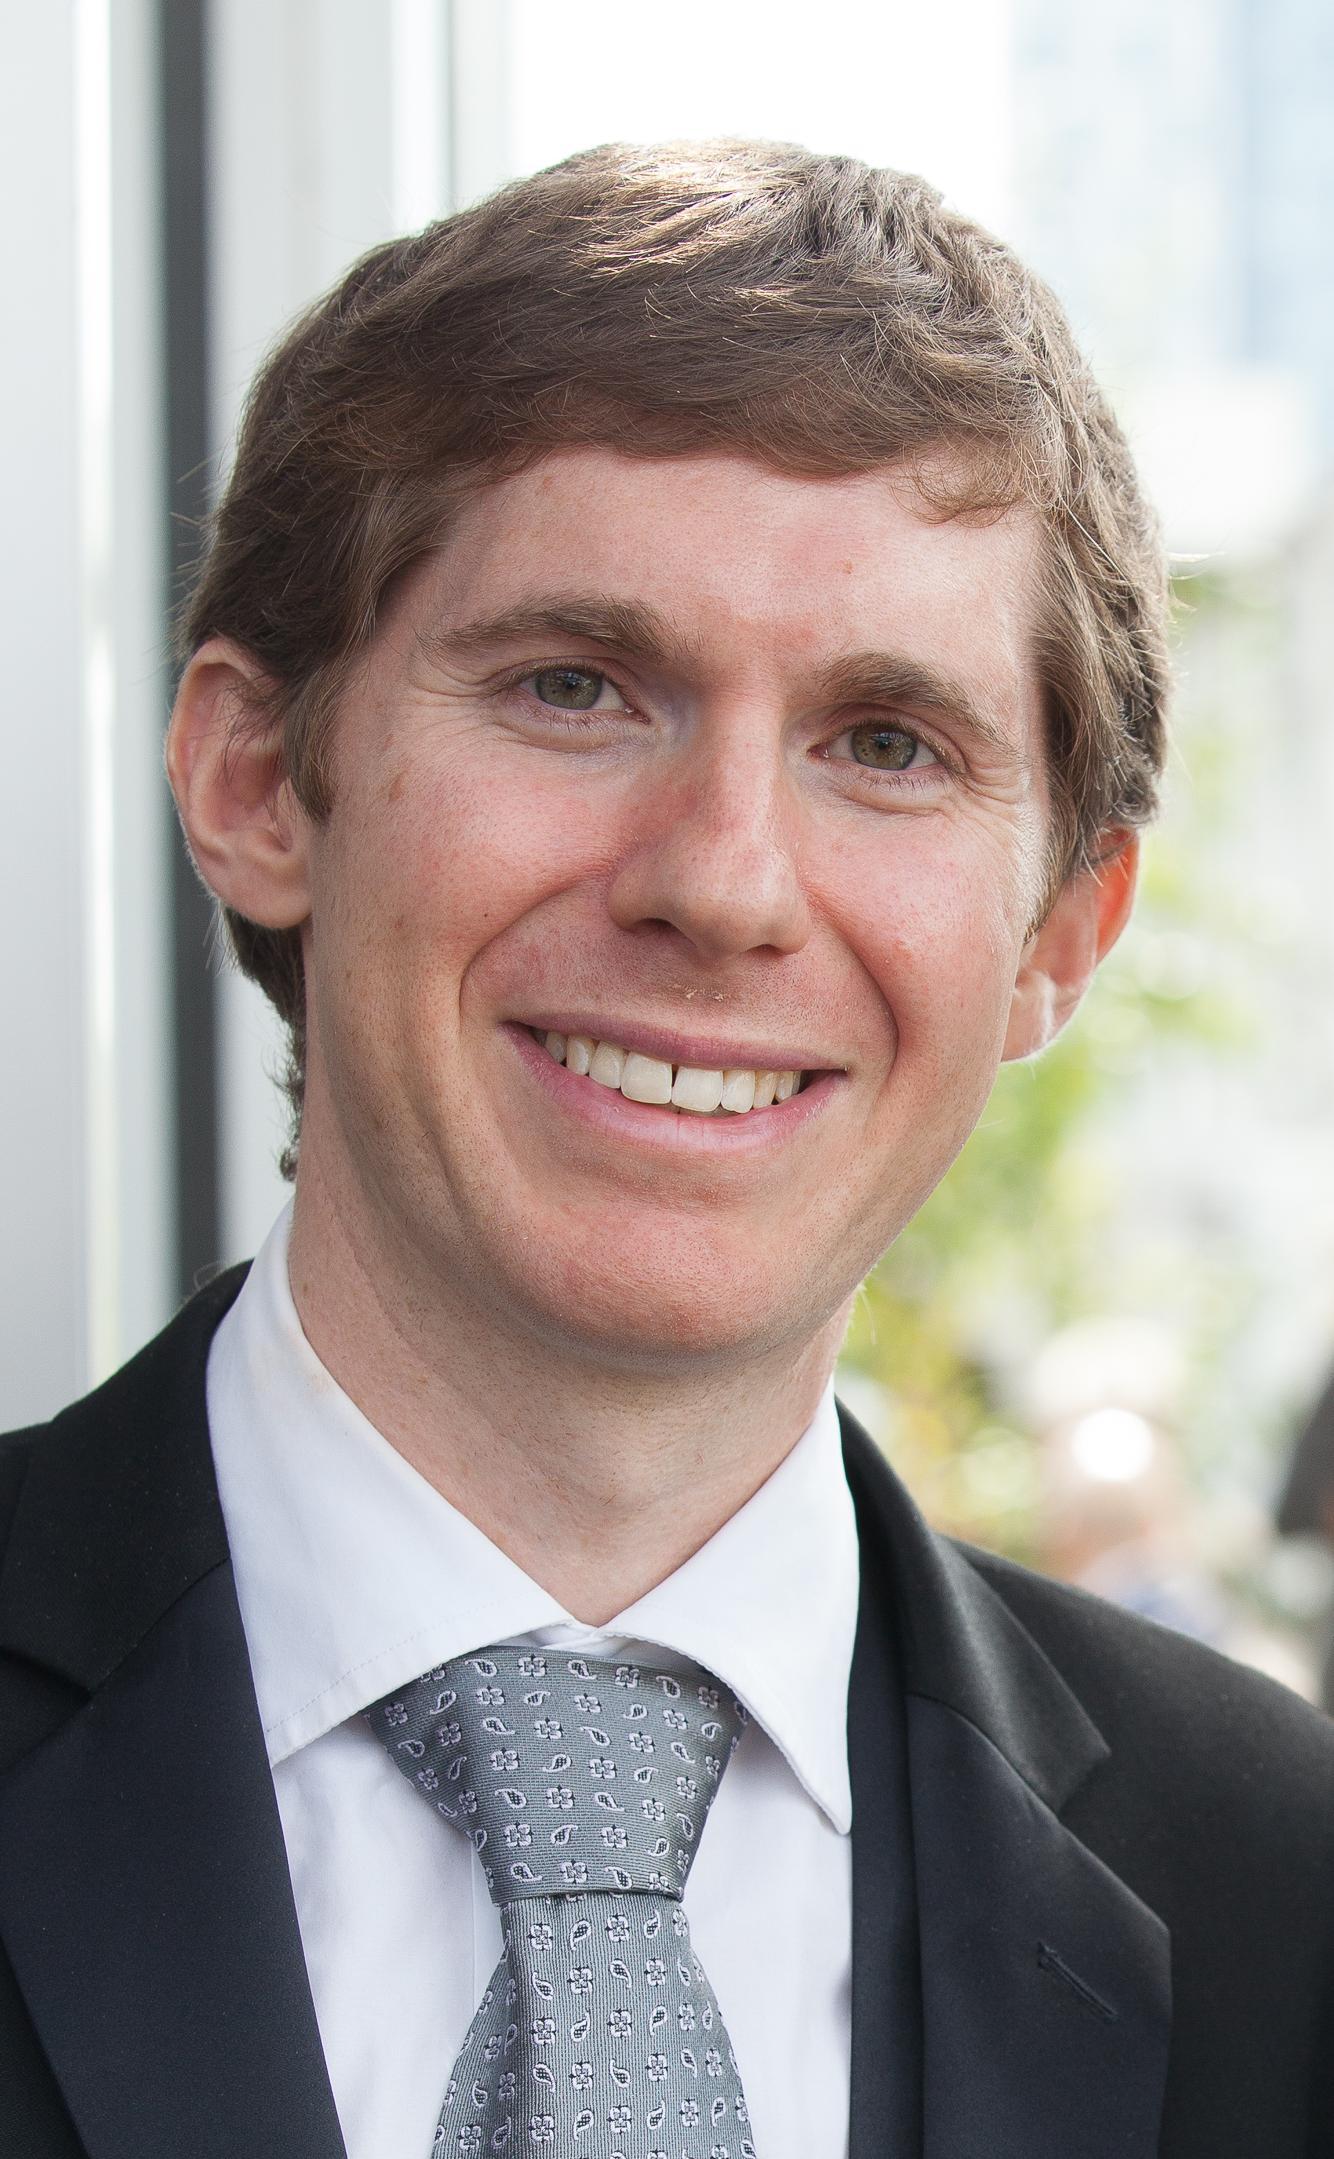 Jacob Kessler